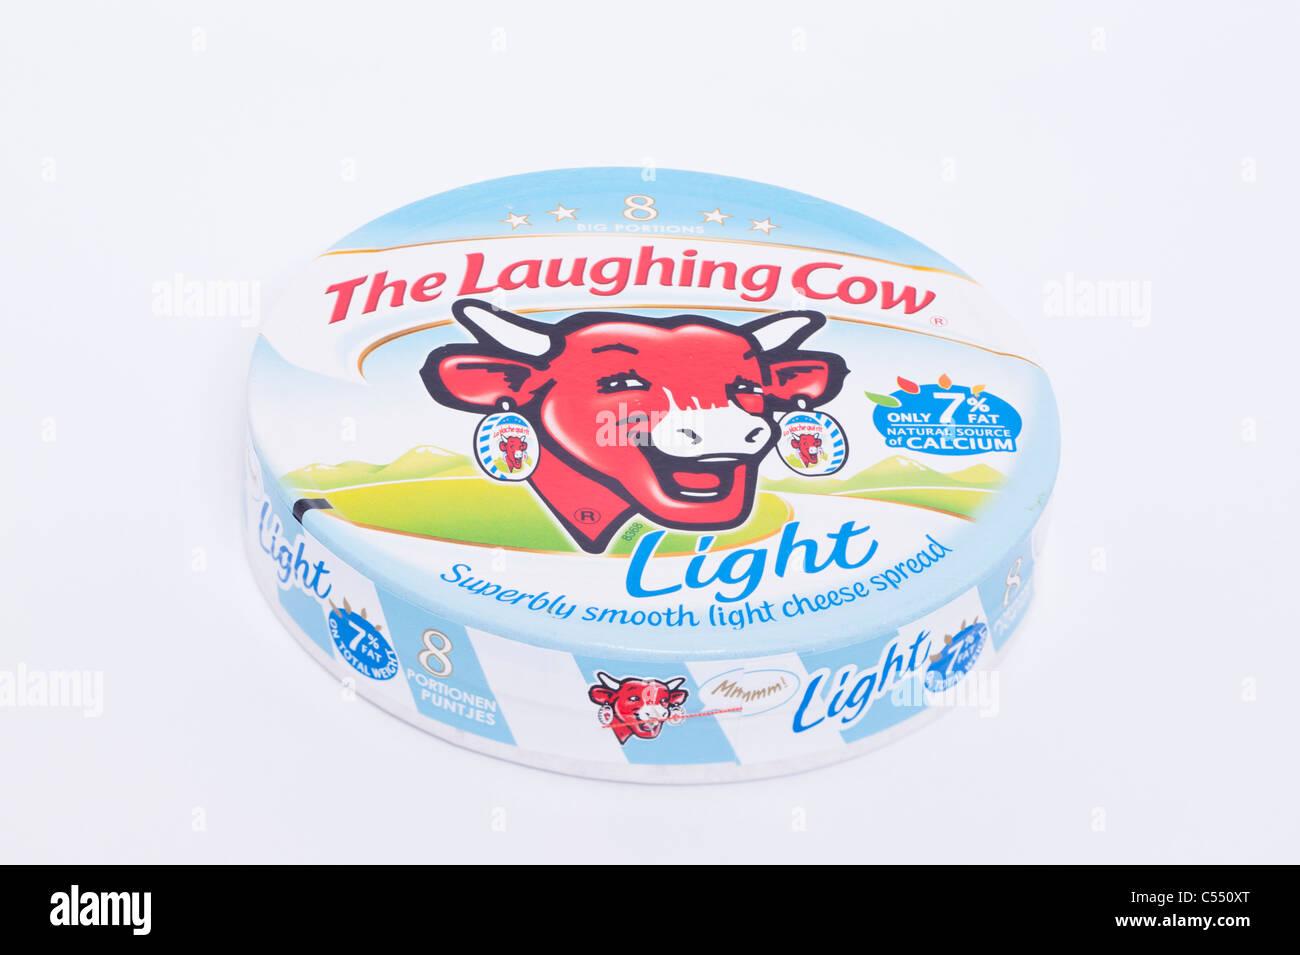 Un paquet de lumière à partir de triangles de fromage à tartiner La Vache Qui Rit sur un fond blanc Photo Stock